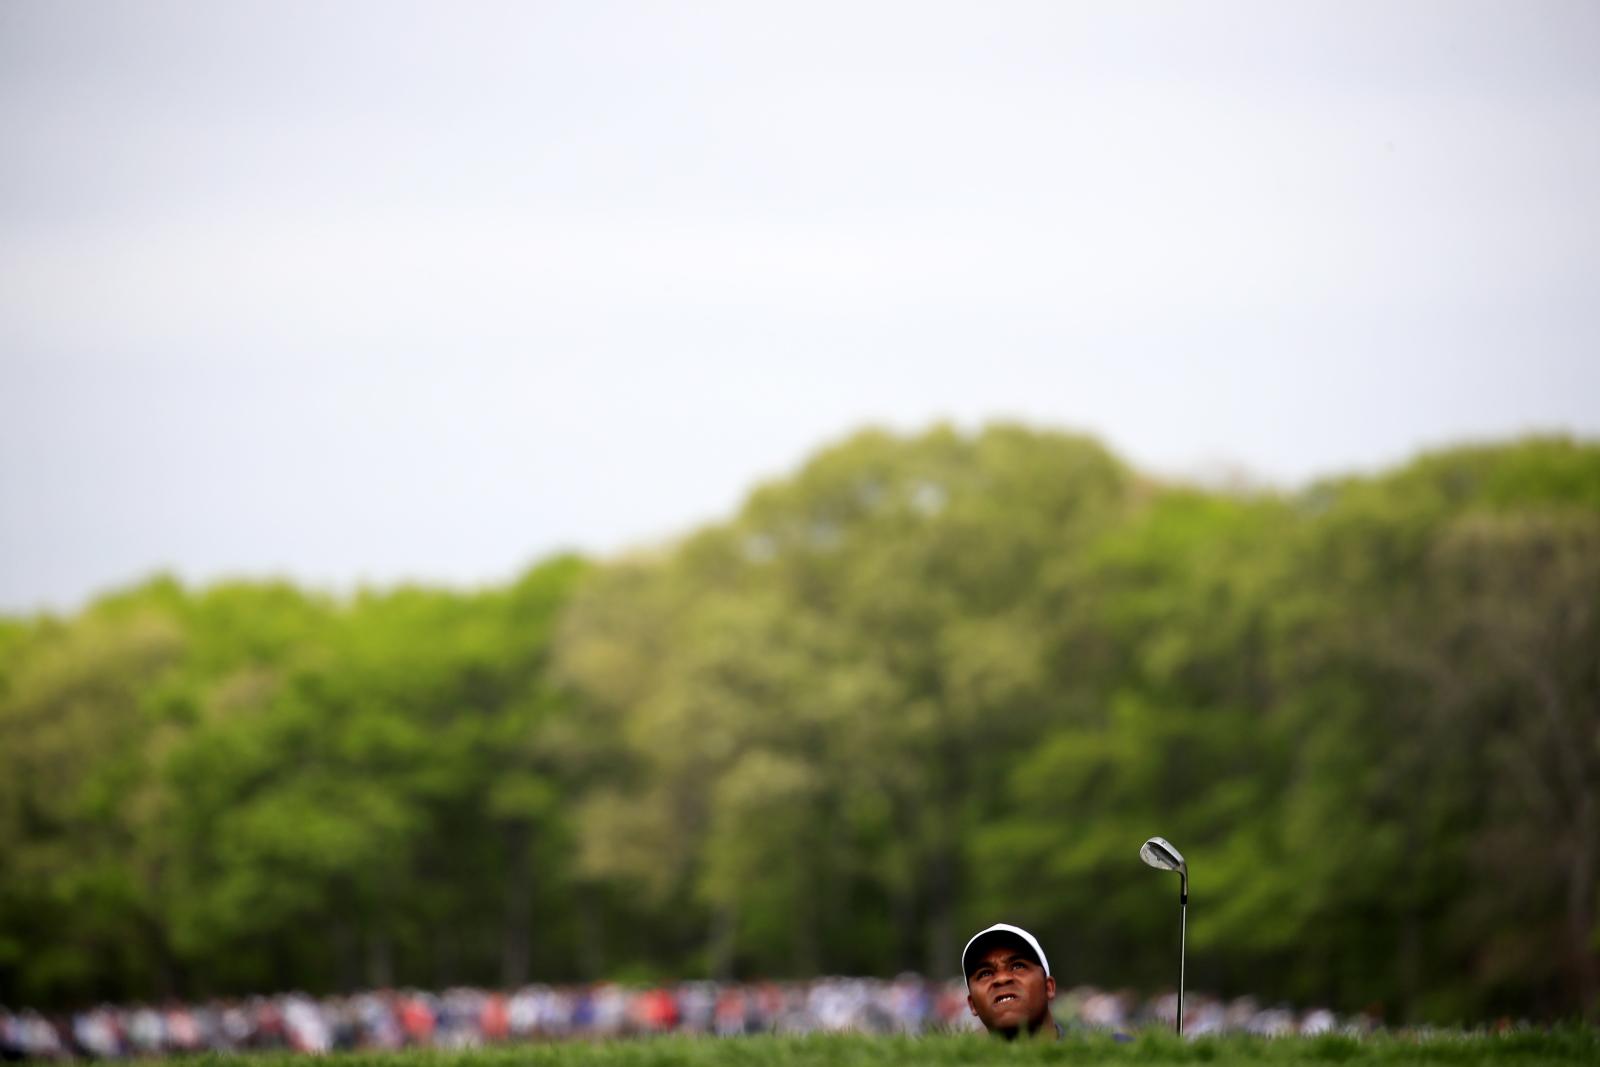 Amerykanin Harold Varner III śledzi piłeczkę po uderzeniu w trakcie zawodów golfowych, Nowy Jork, USA. Fot. Harold Varner III